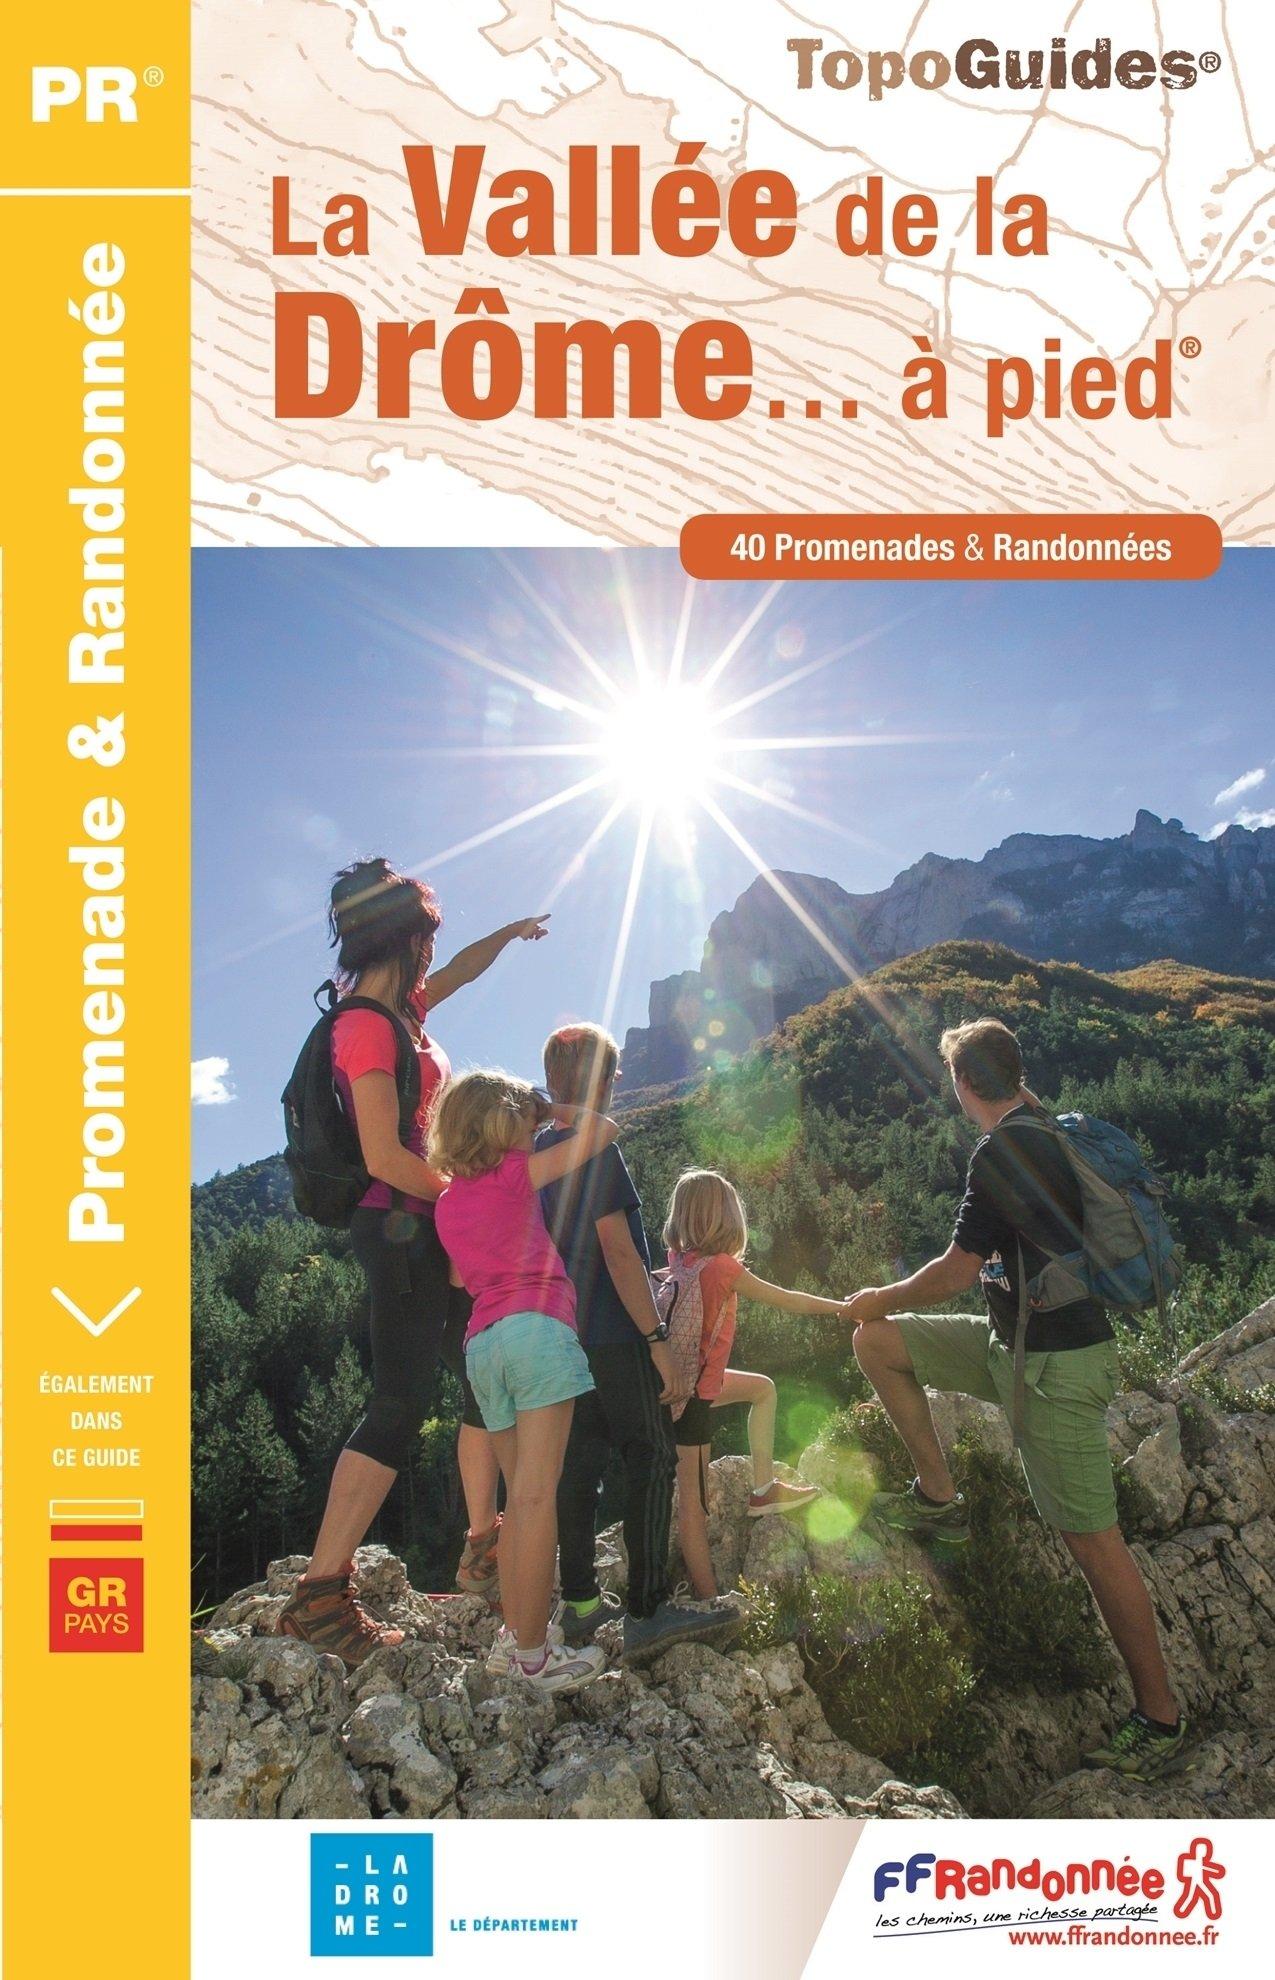 P263  la Vallée de la Drôme... à pied 9782751409264  FFRP Topoguides  Wandelgidsen tussen Valence, Briançon, Camargue en Nice